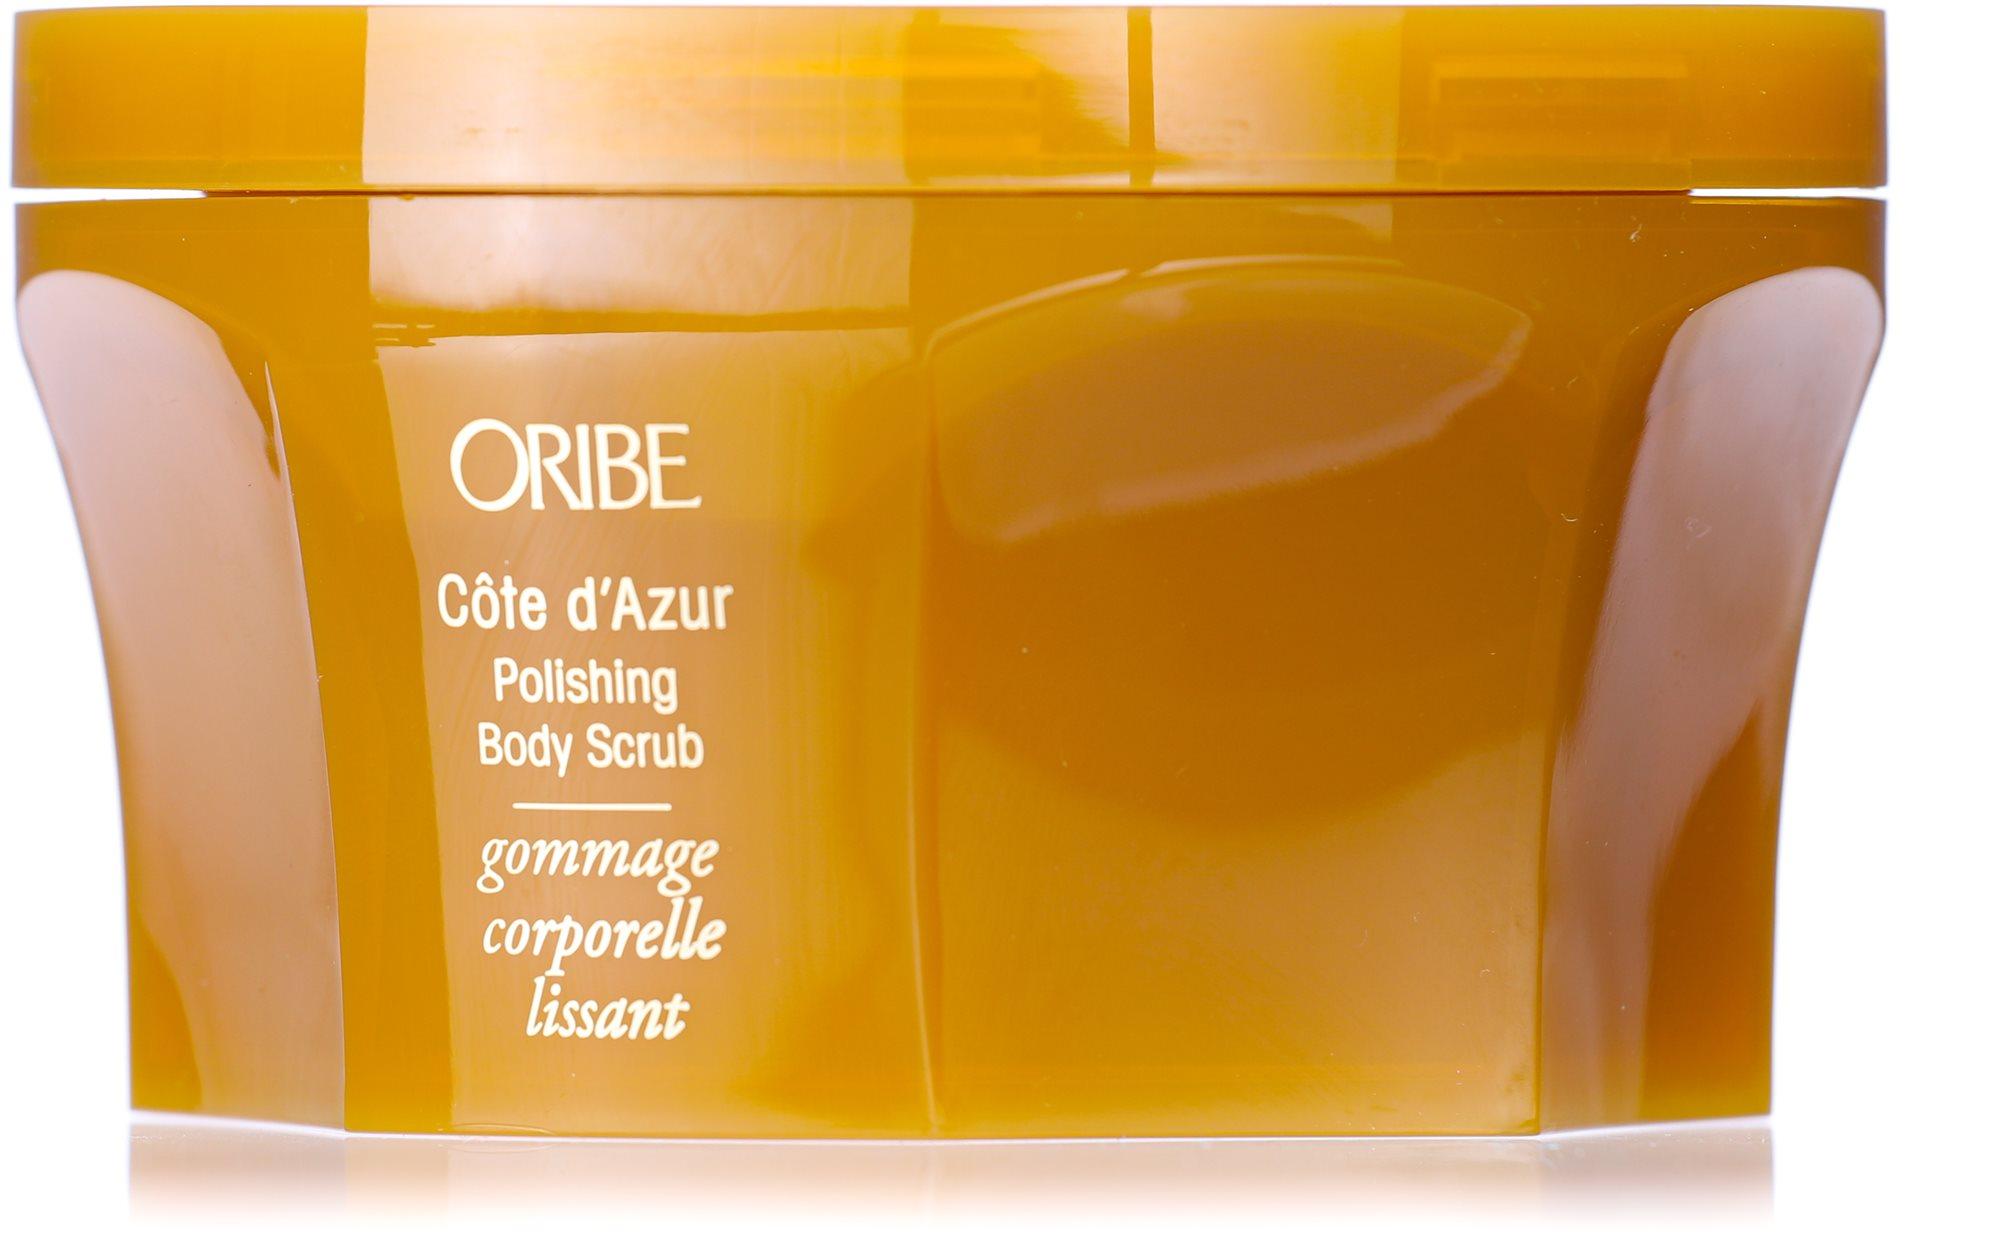 ORIBE Côte d'Azur Polishing Body Scrub (196 g)